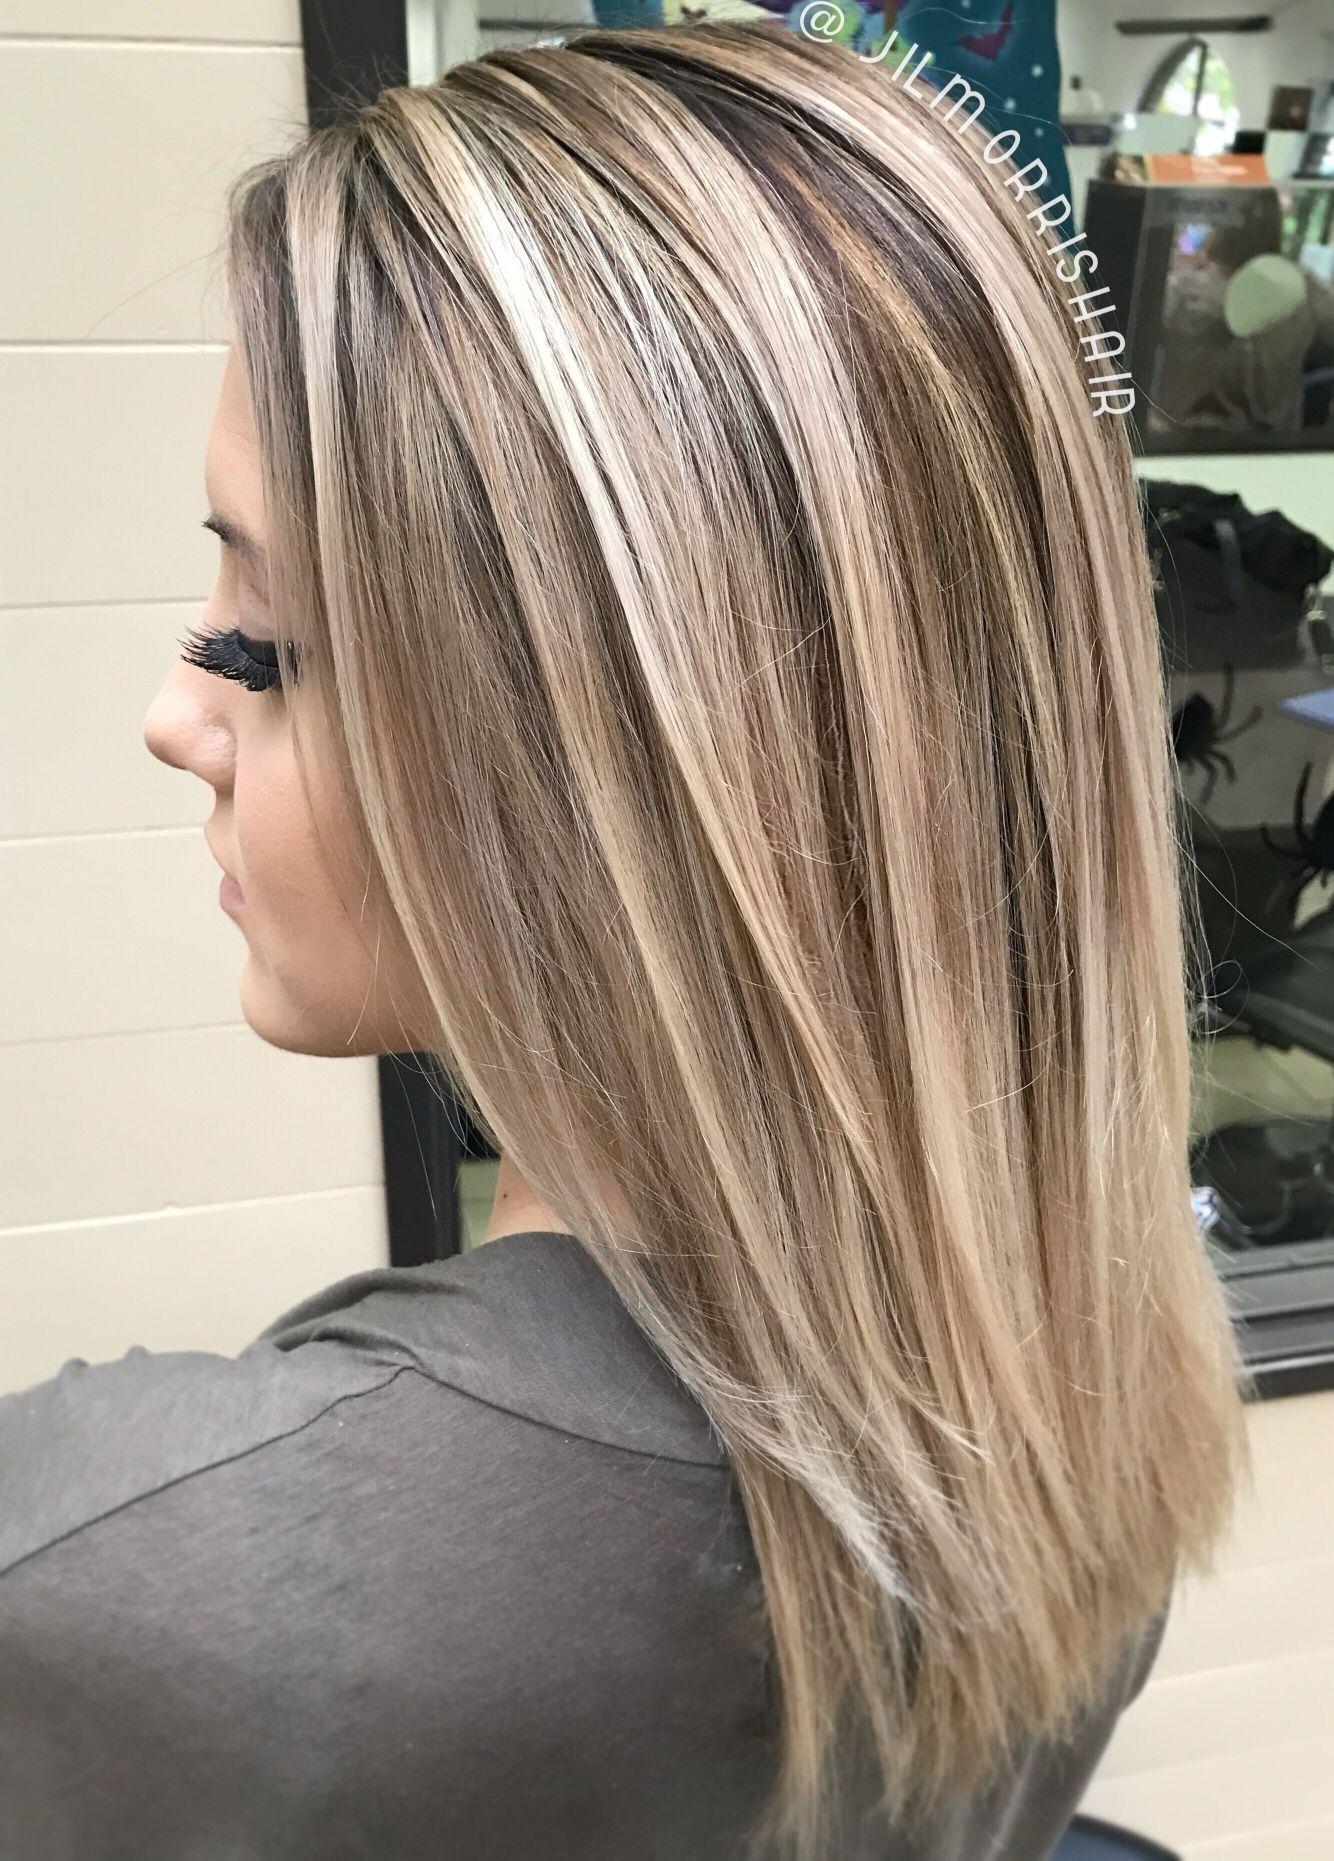 Coole Blonde Frisuren Neu Haar Frisuren 2018 Haarfarben Farbige Strahnen Haare Blonde Haare